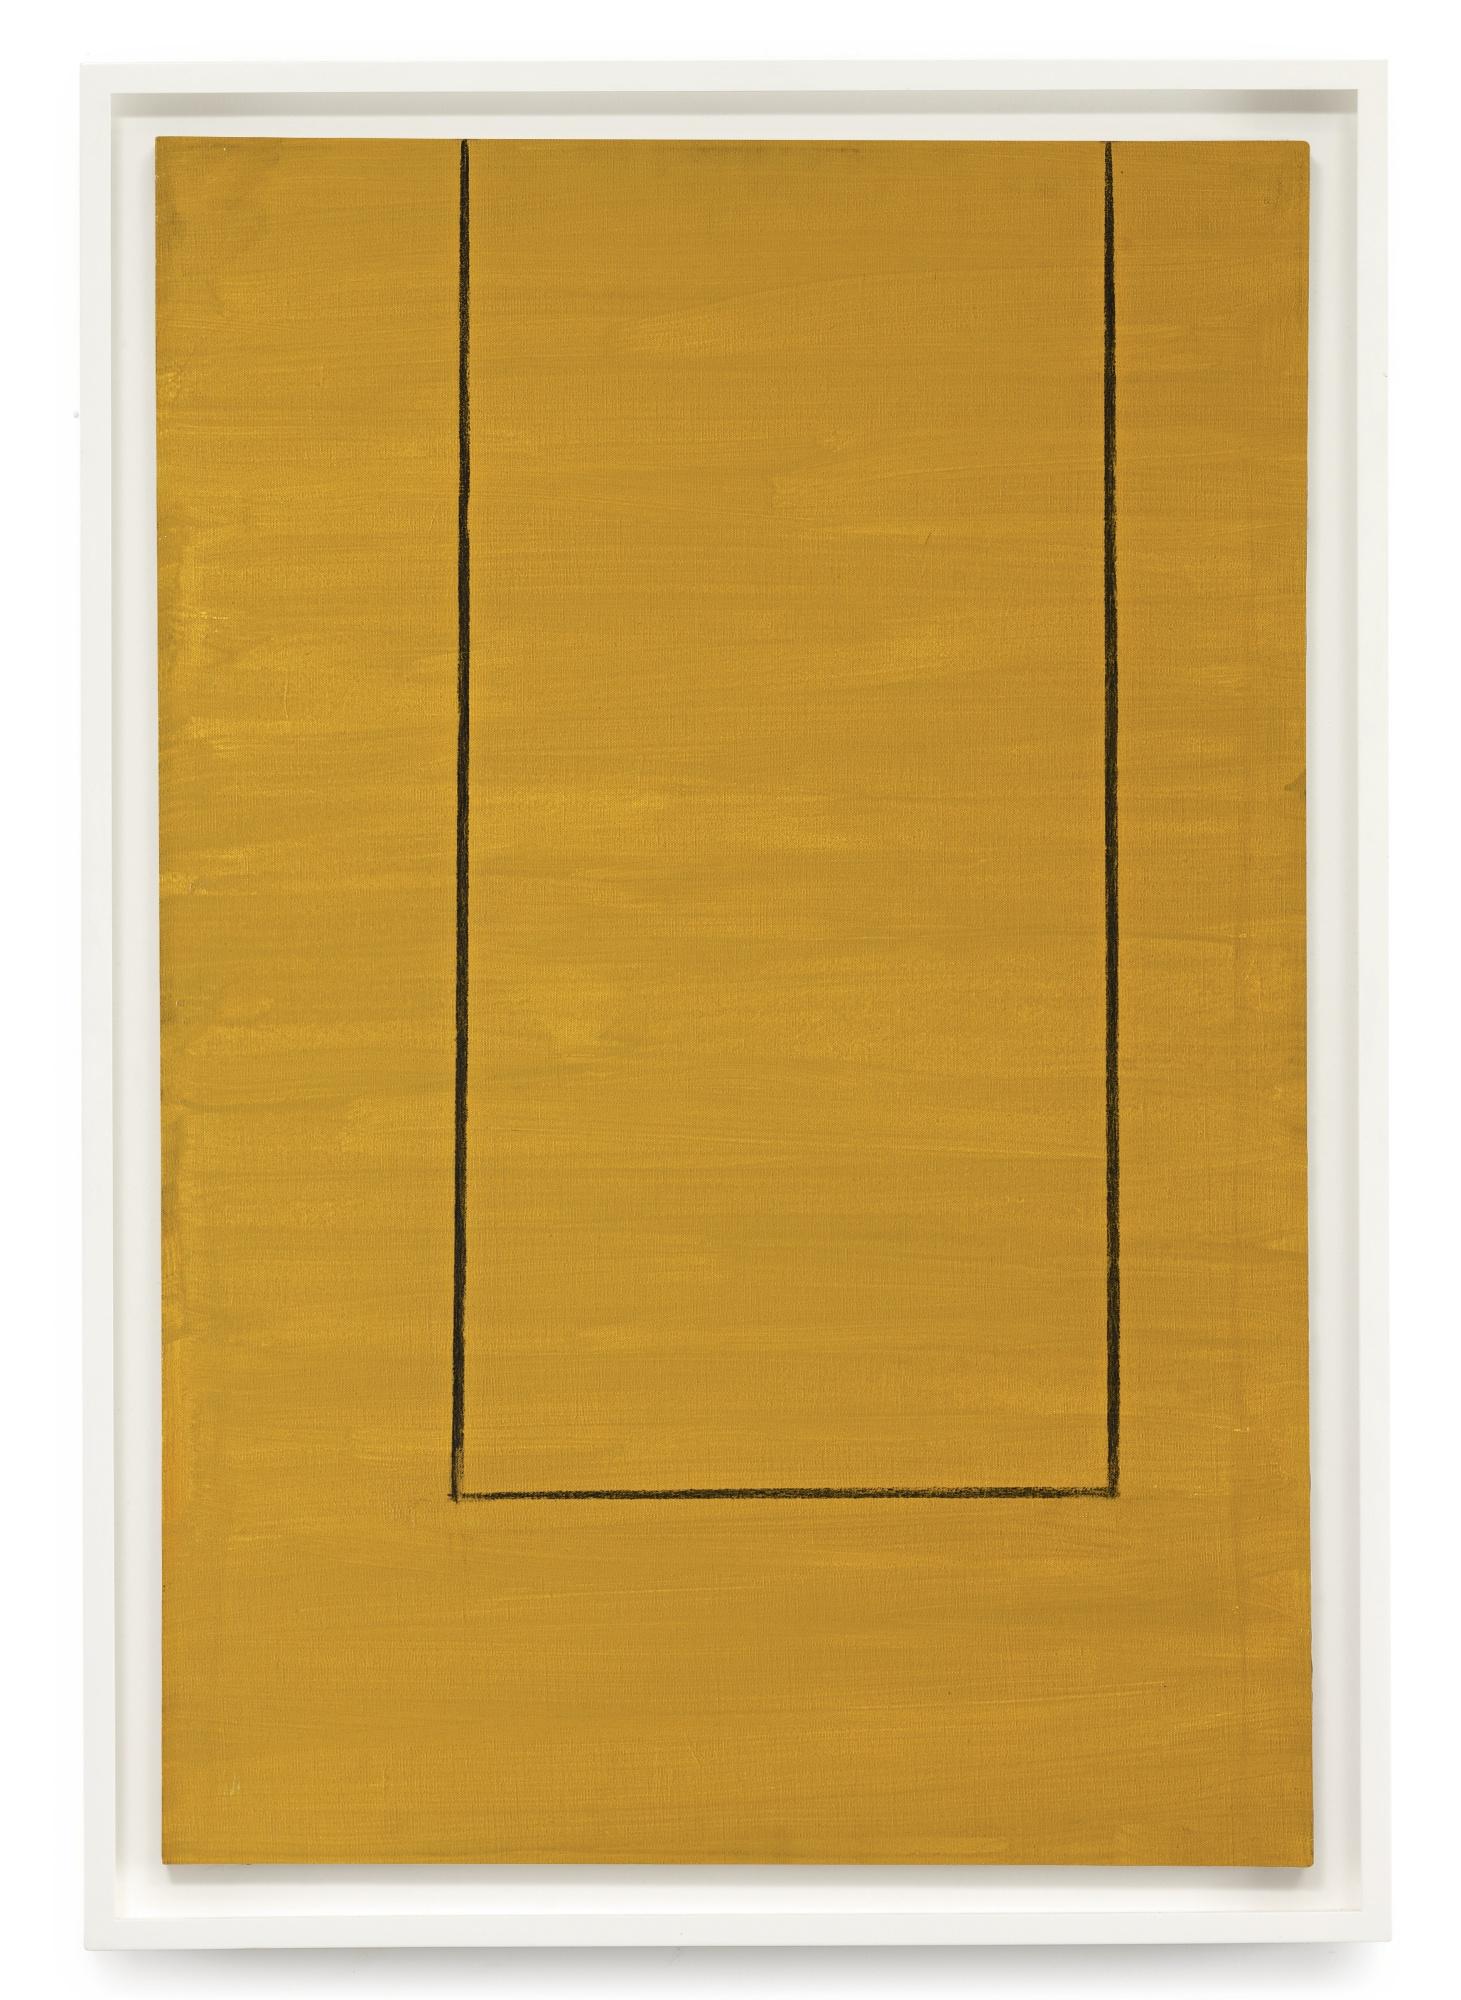 Robert Motherwell-Open Study No. 4-1968